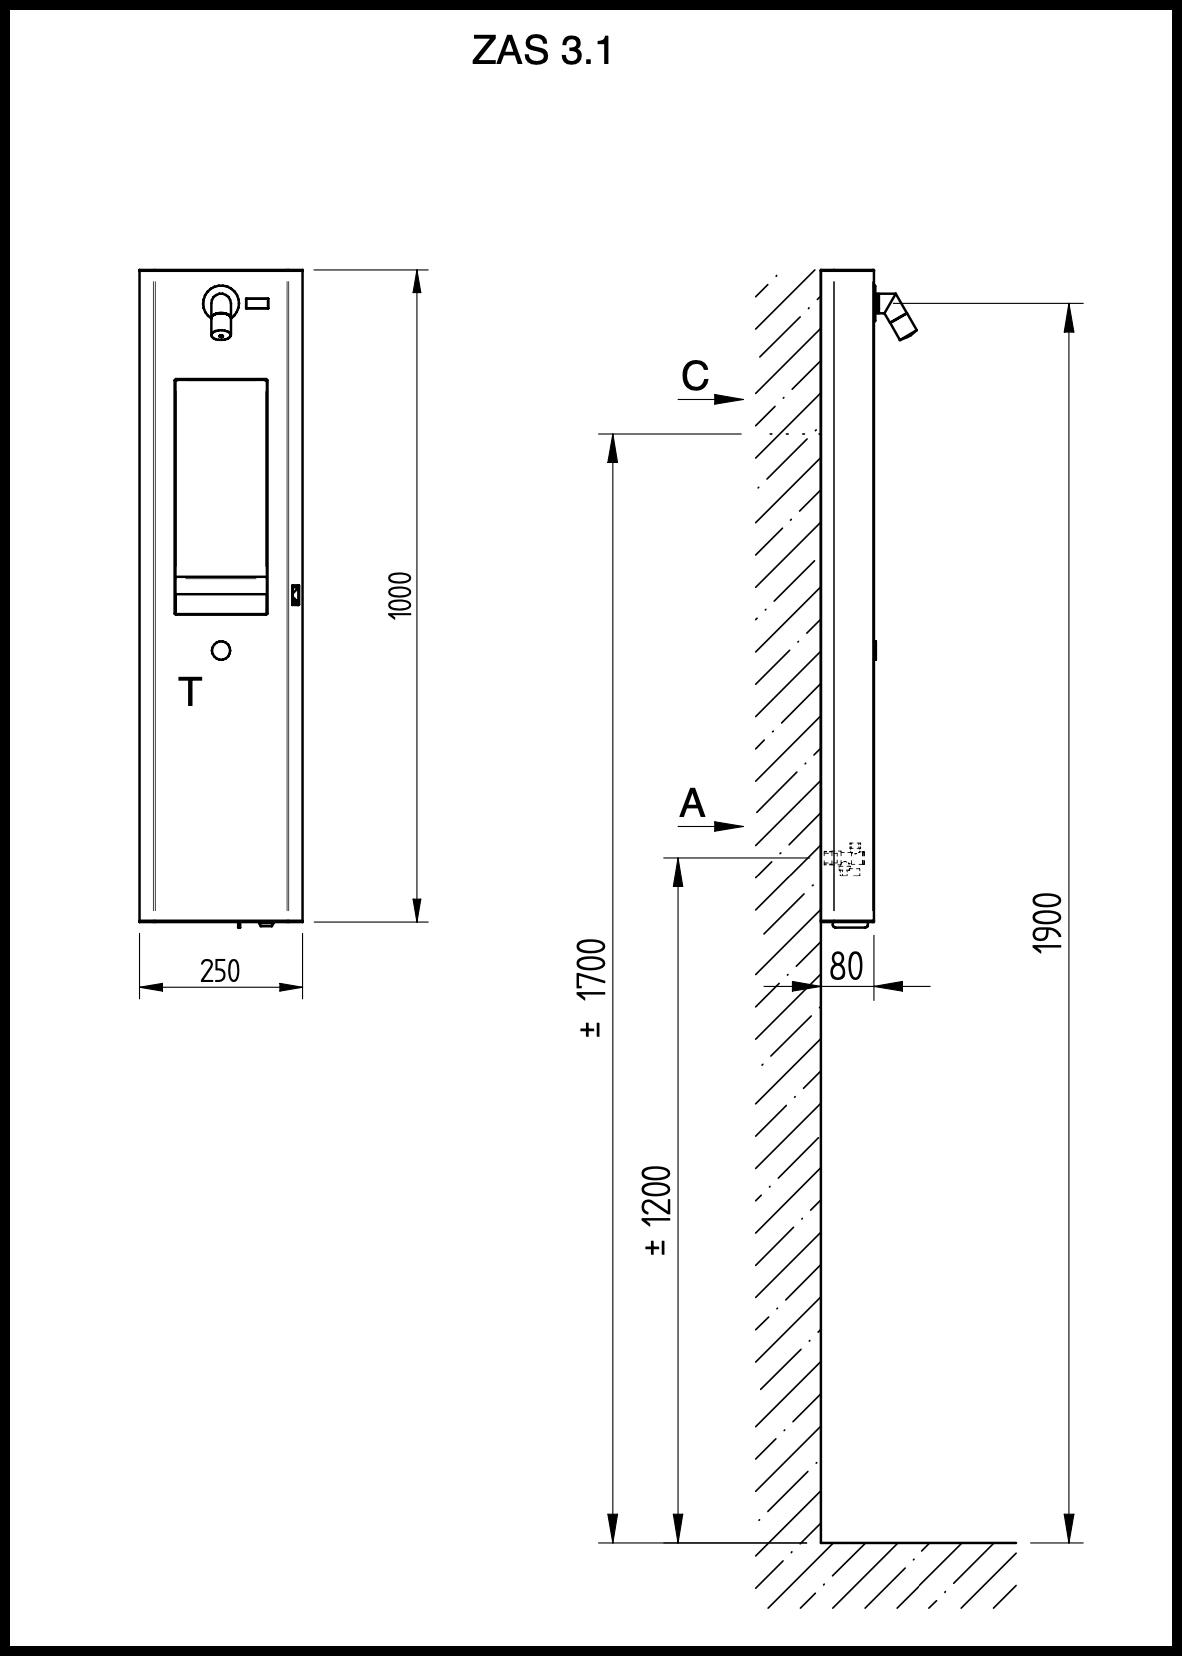 ZAS 3.1 schema